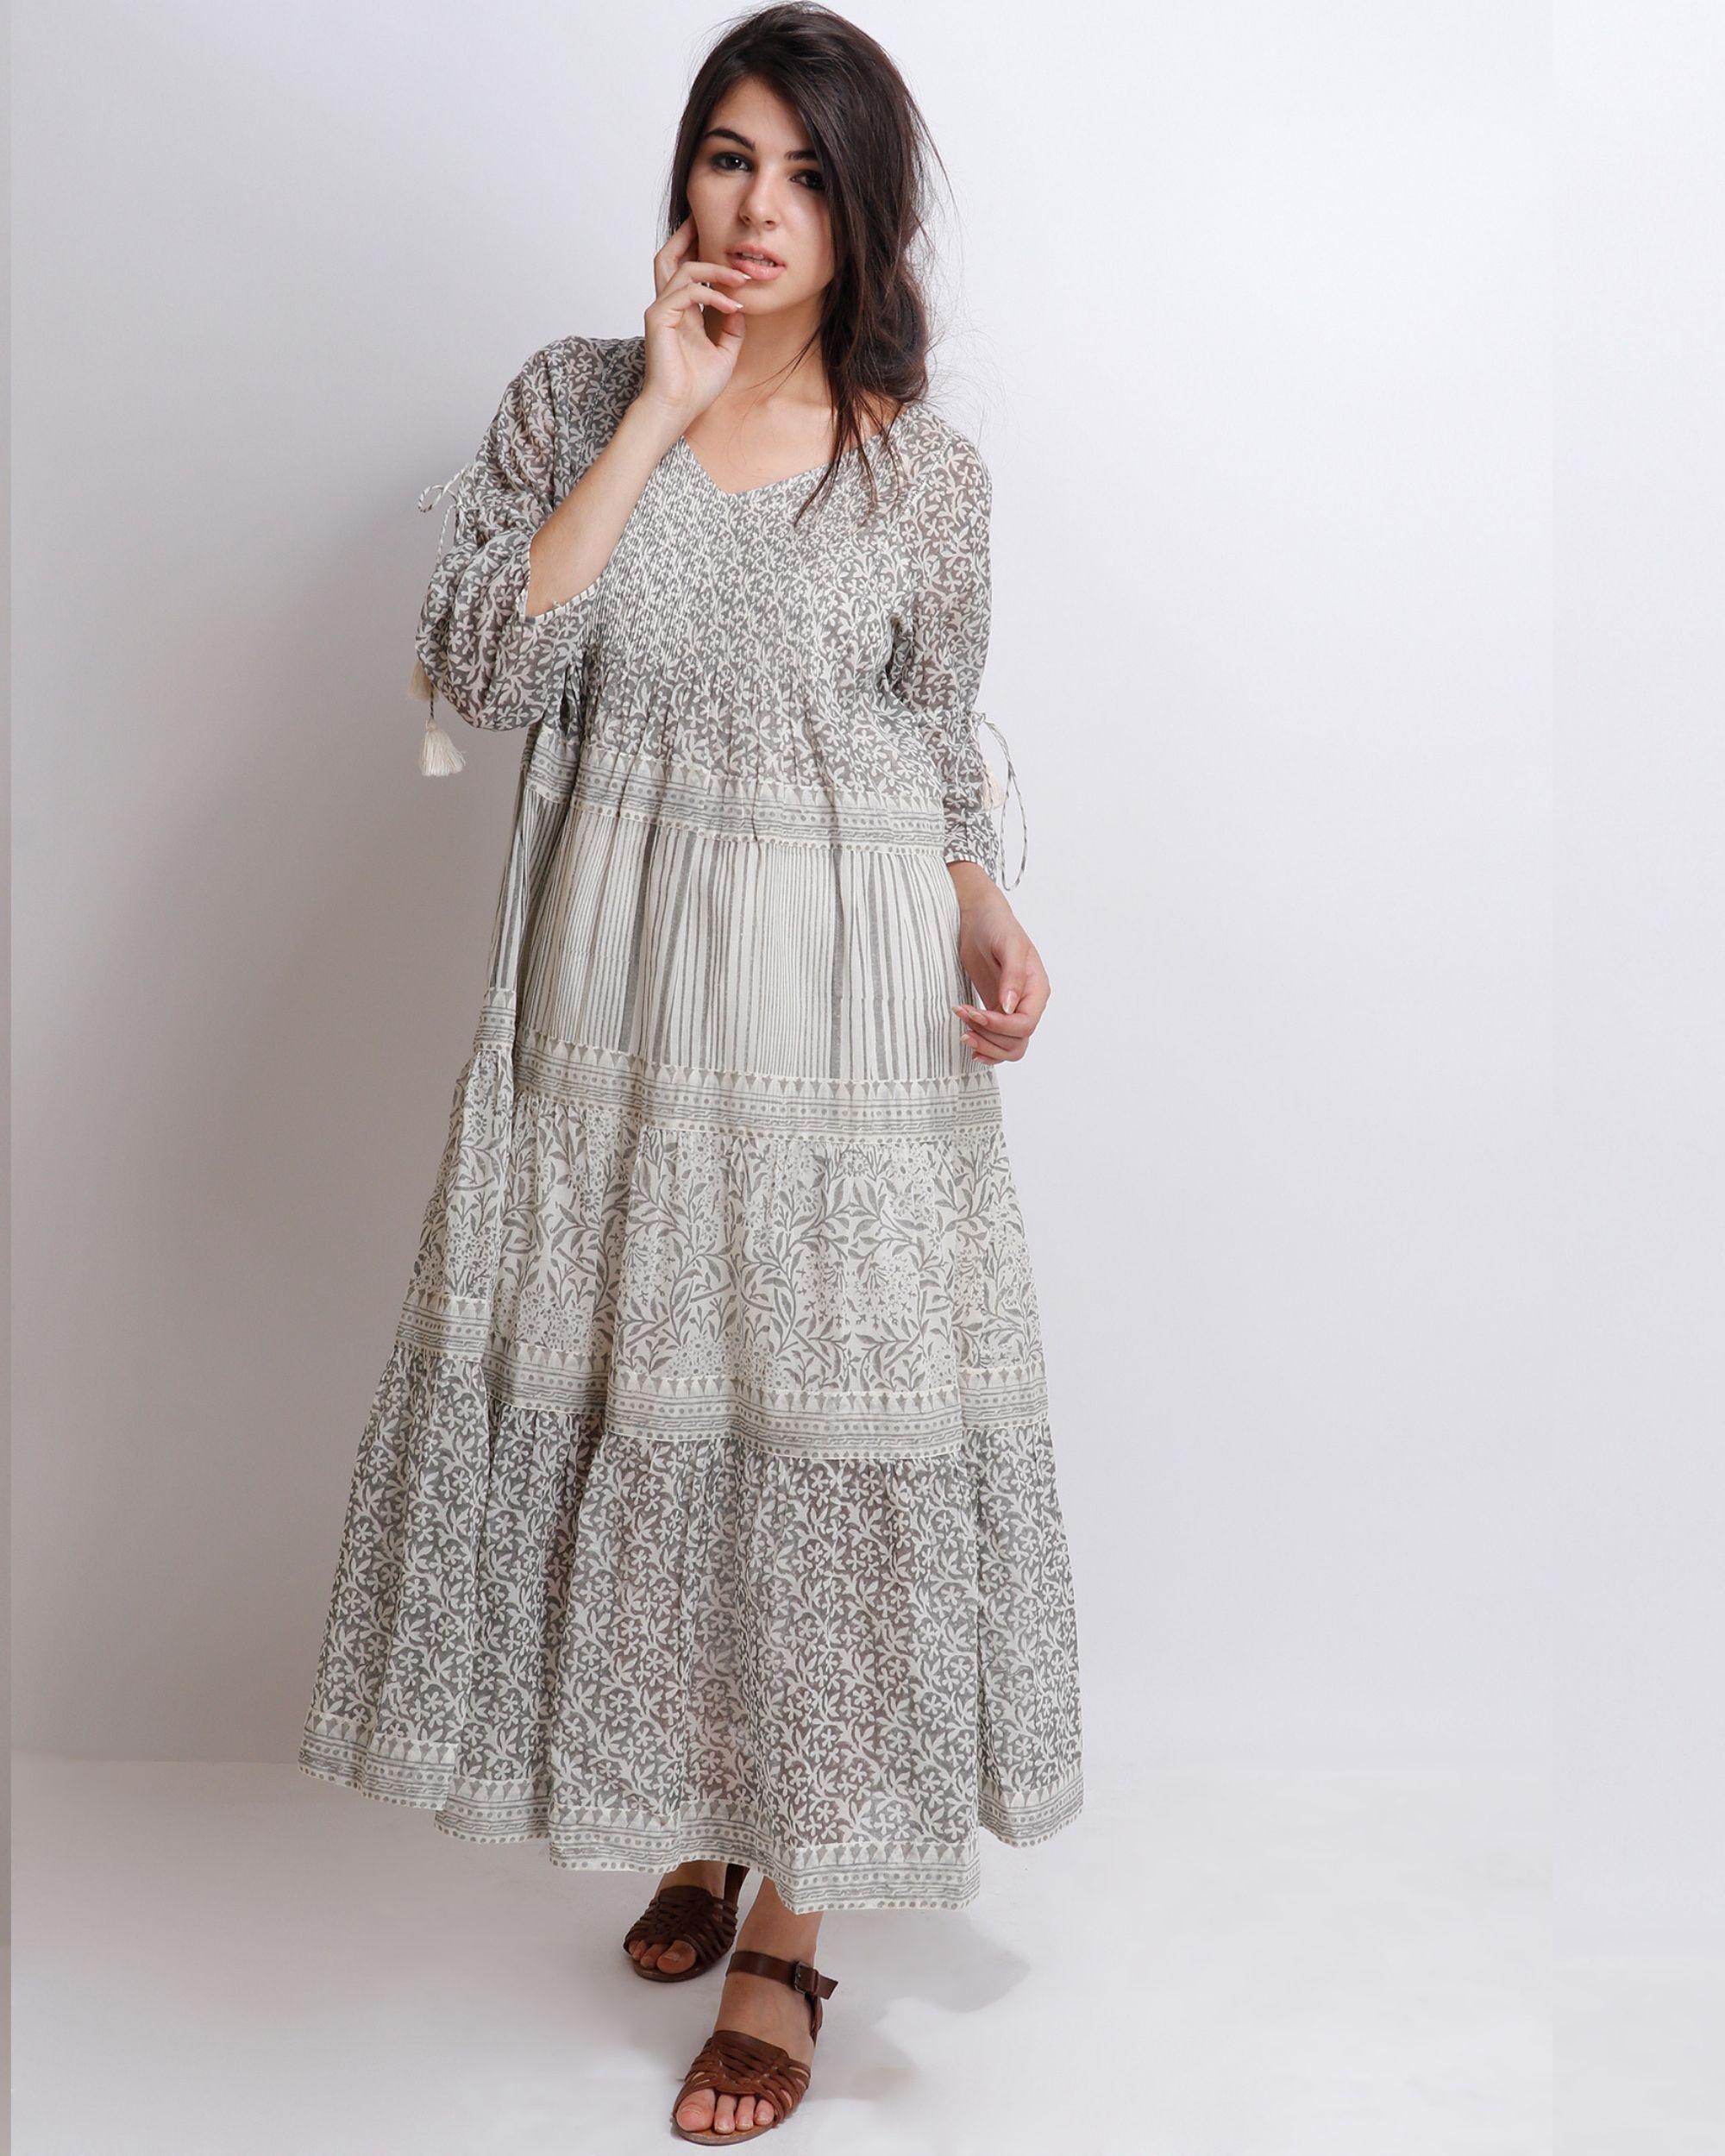 Liliac grey tiered dress